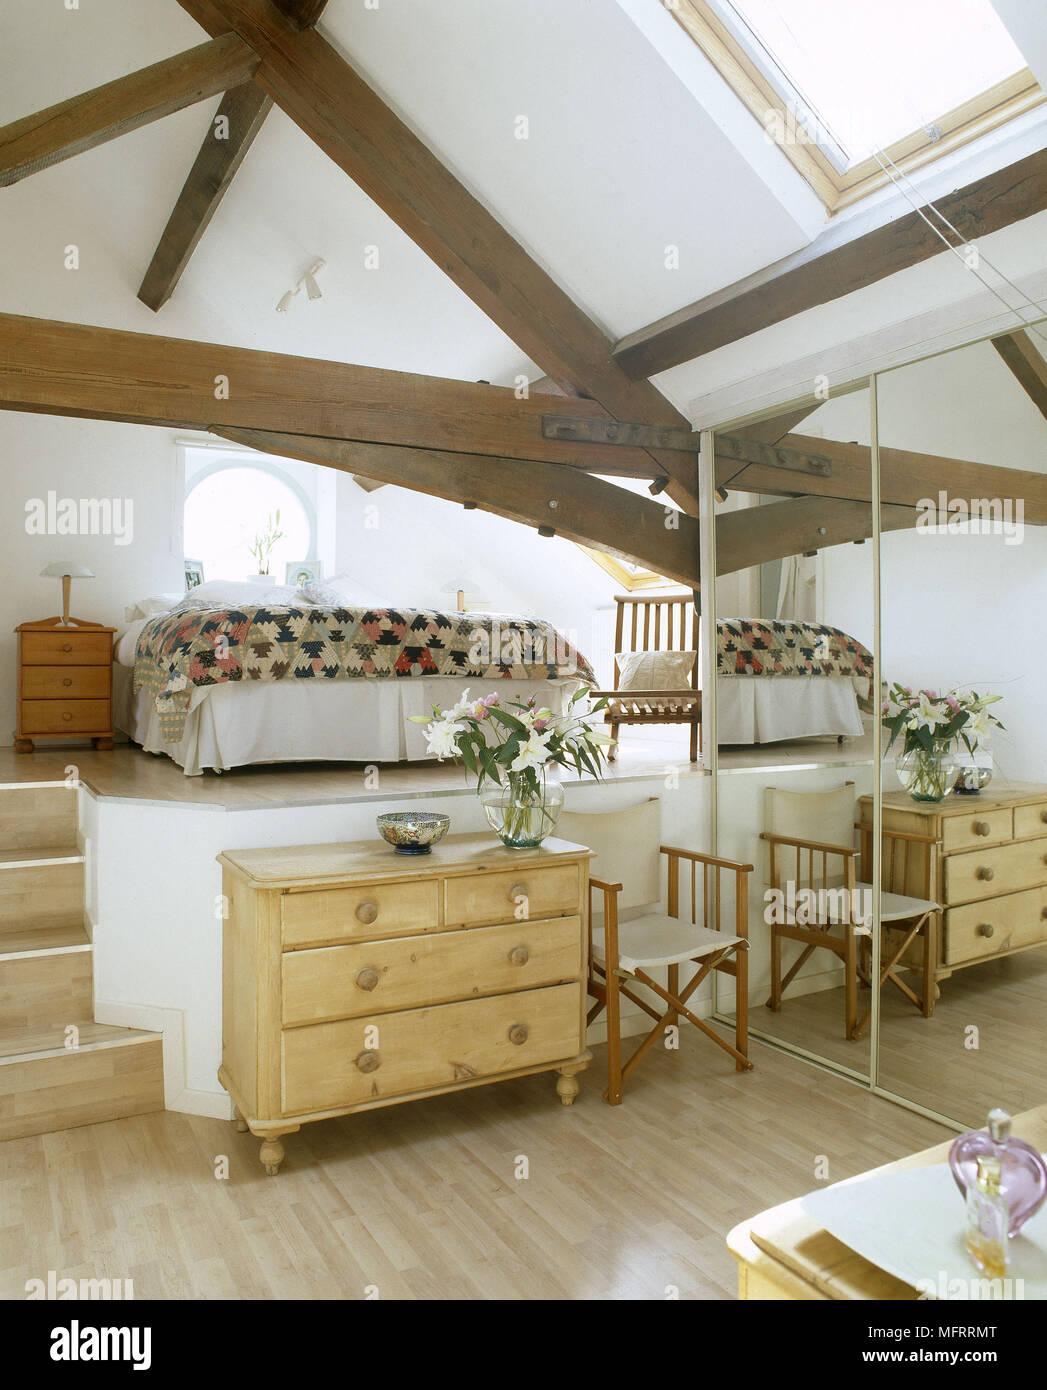 Einem Modernen Landhausstil Auf 2 Ebenen Schlafzimmer Mit Holzbalken Bett  Kiefer Kommode Verspiegelte Kleiderschränke